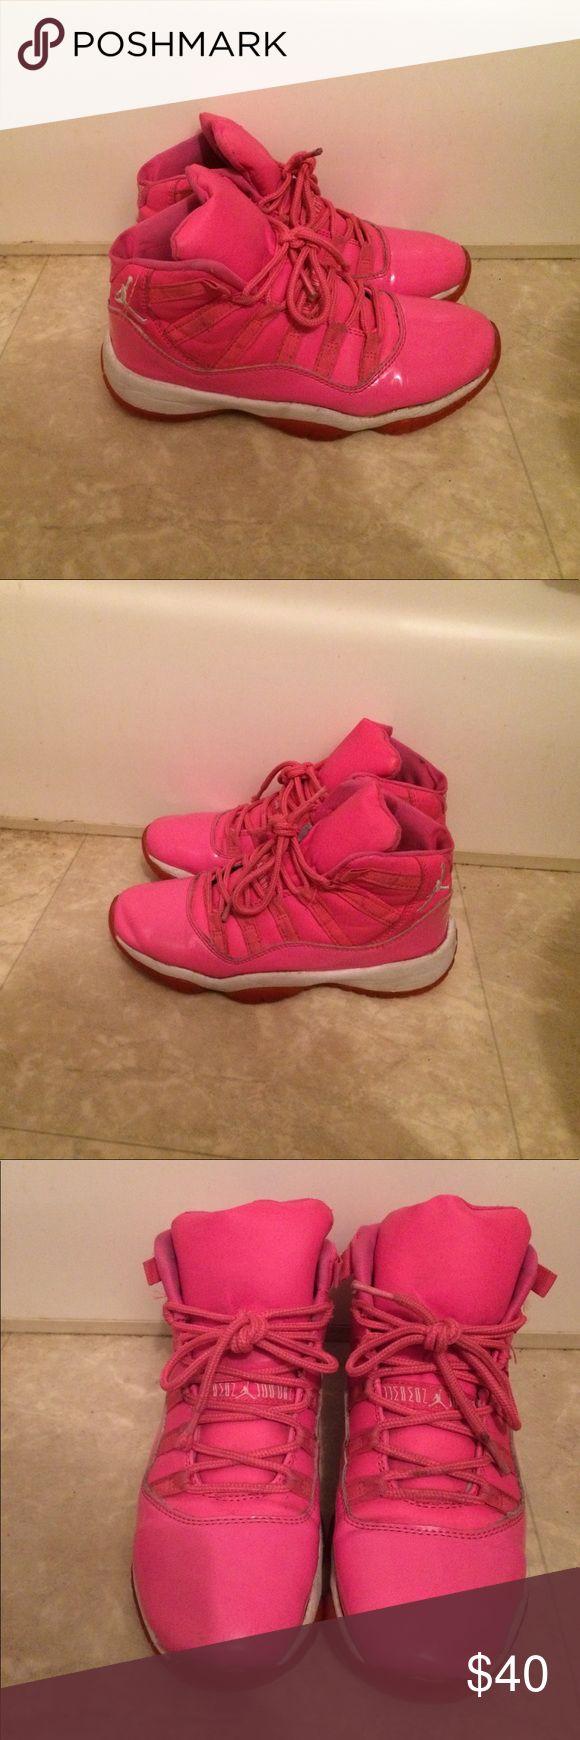 Pink and white Jordan 11's Pink and white Jordan's Air Jordan Shoes Sneakers